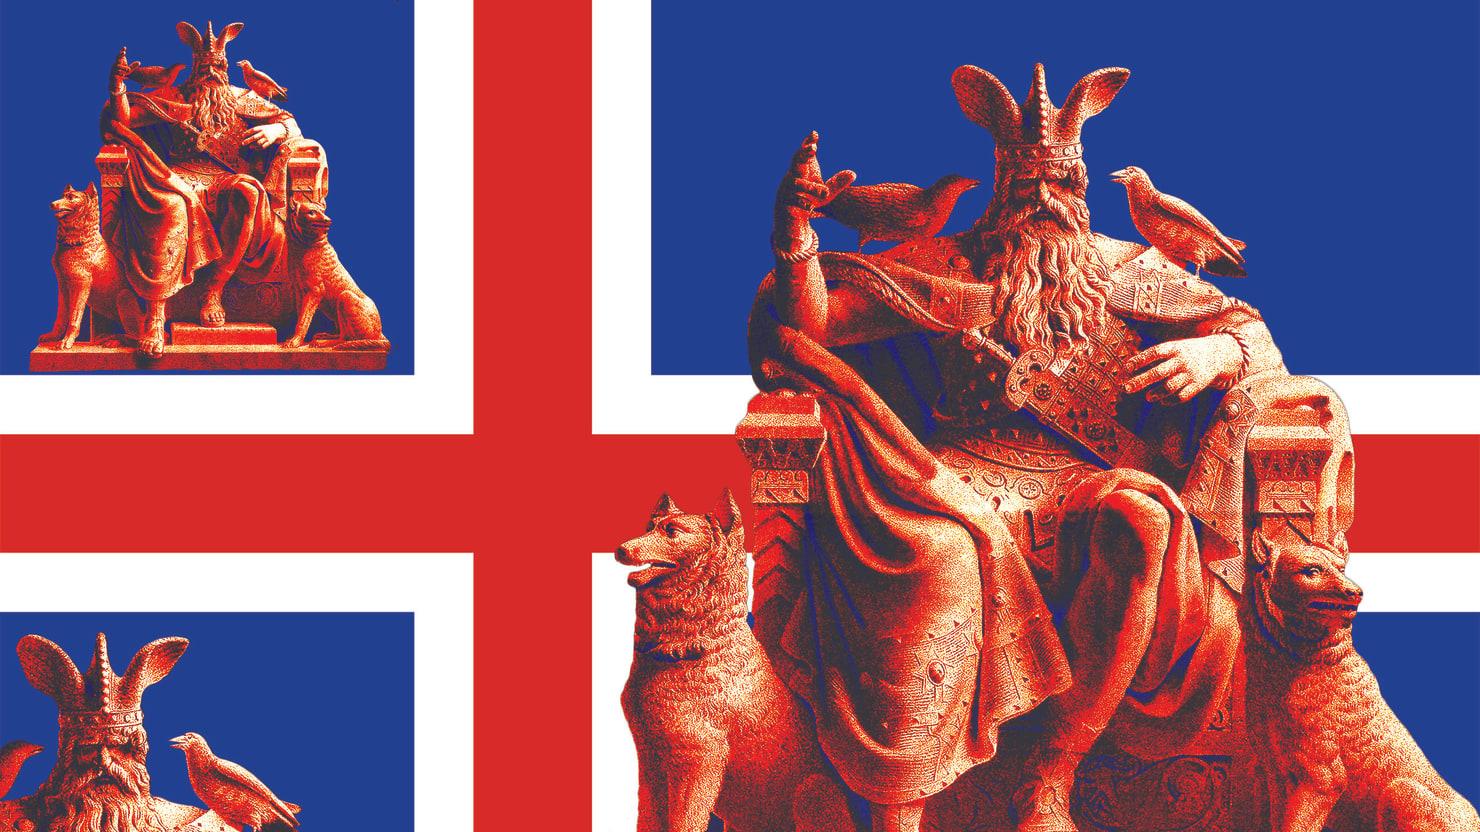 A Reykjavík stanno costruendo un tempio dedicato a Odino! - Curiosità sull'Islanda e sugli islandesi